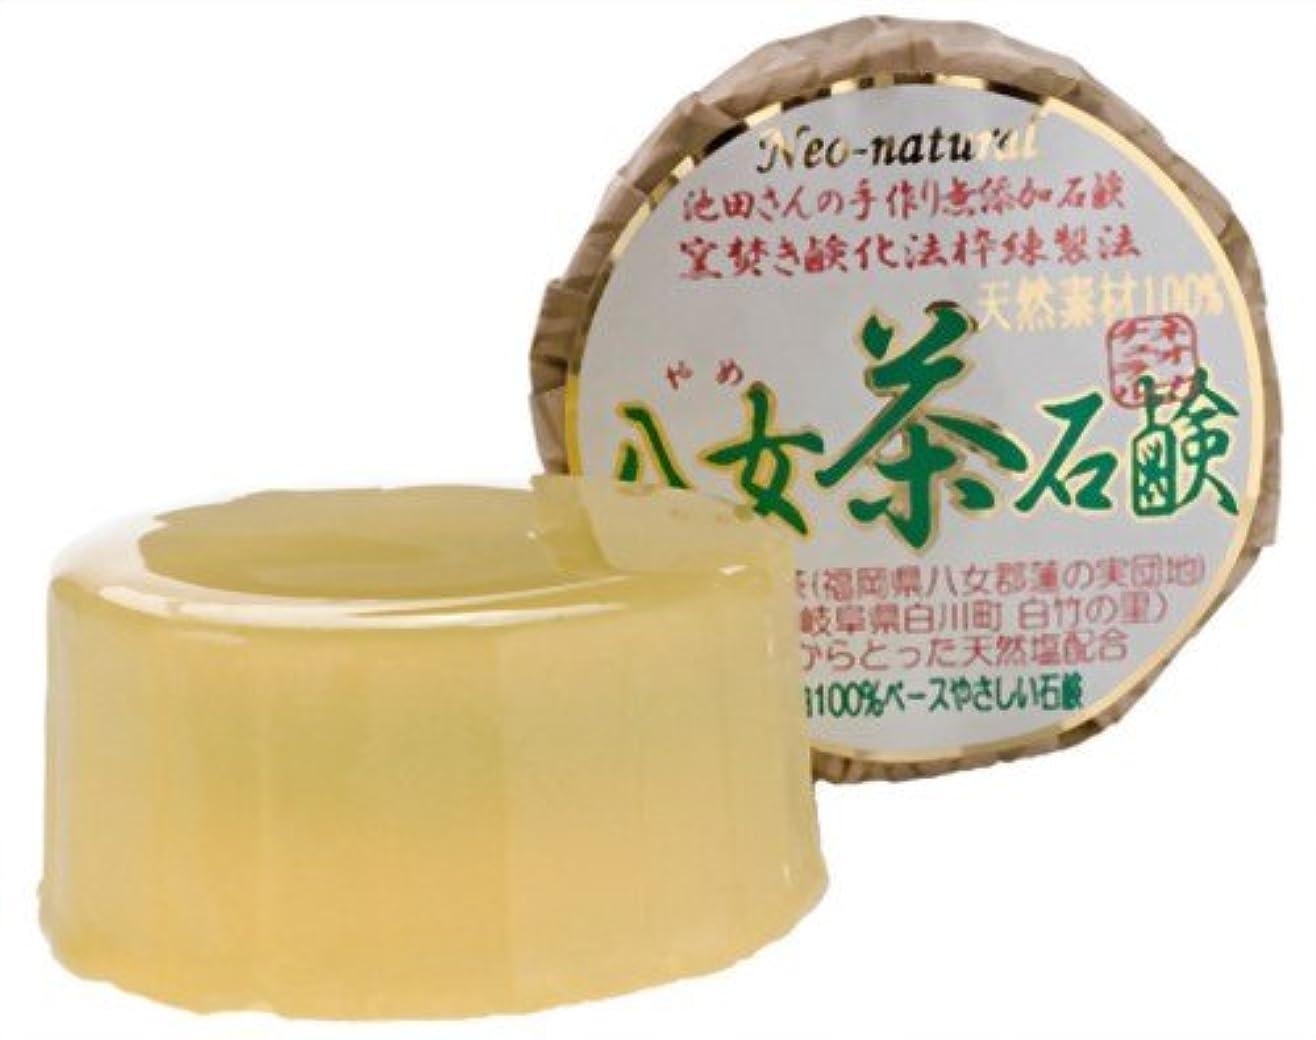 ネオナチュラル 池田さんの八女茶石鹸 80g